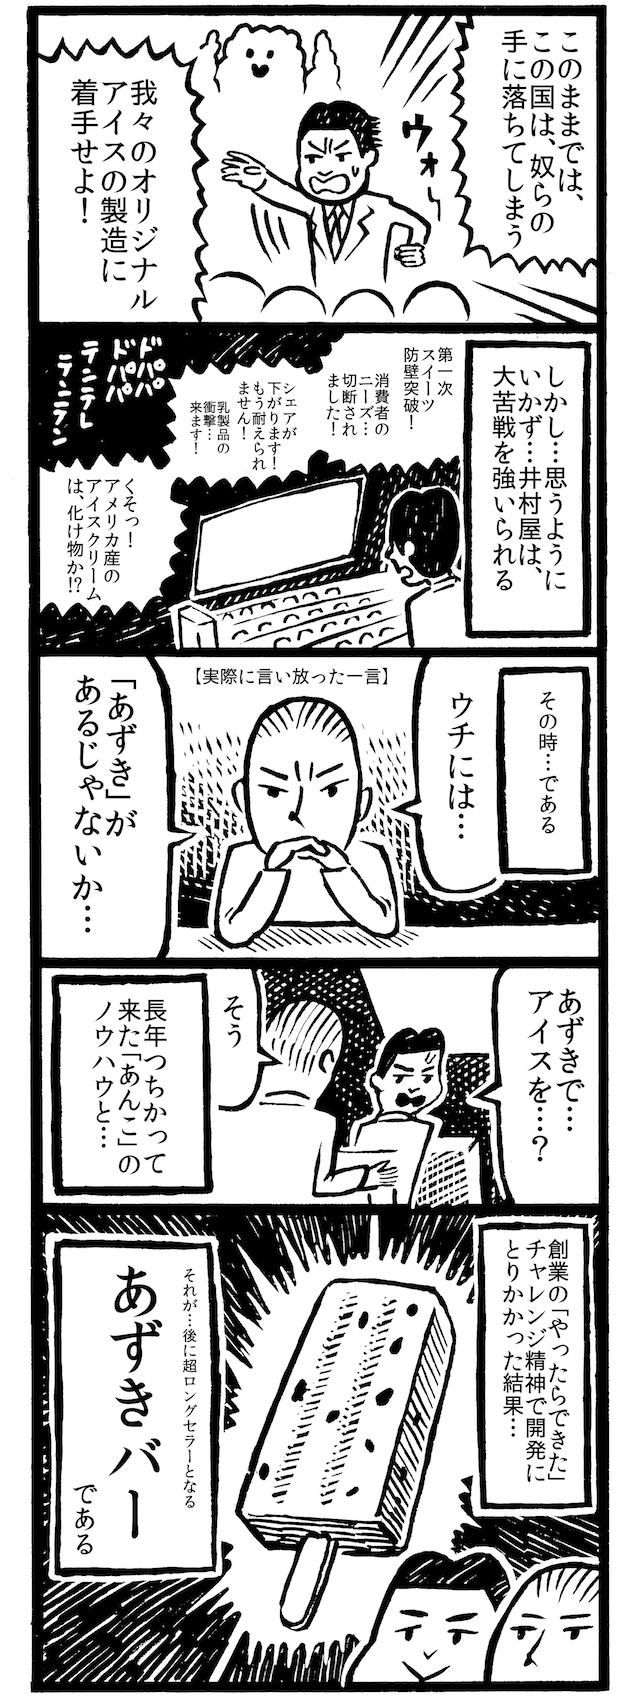 f:id:kakijiro:20160909112940j:plain